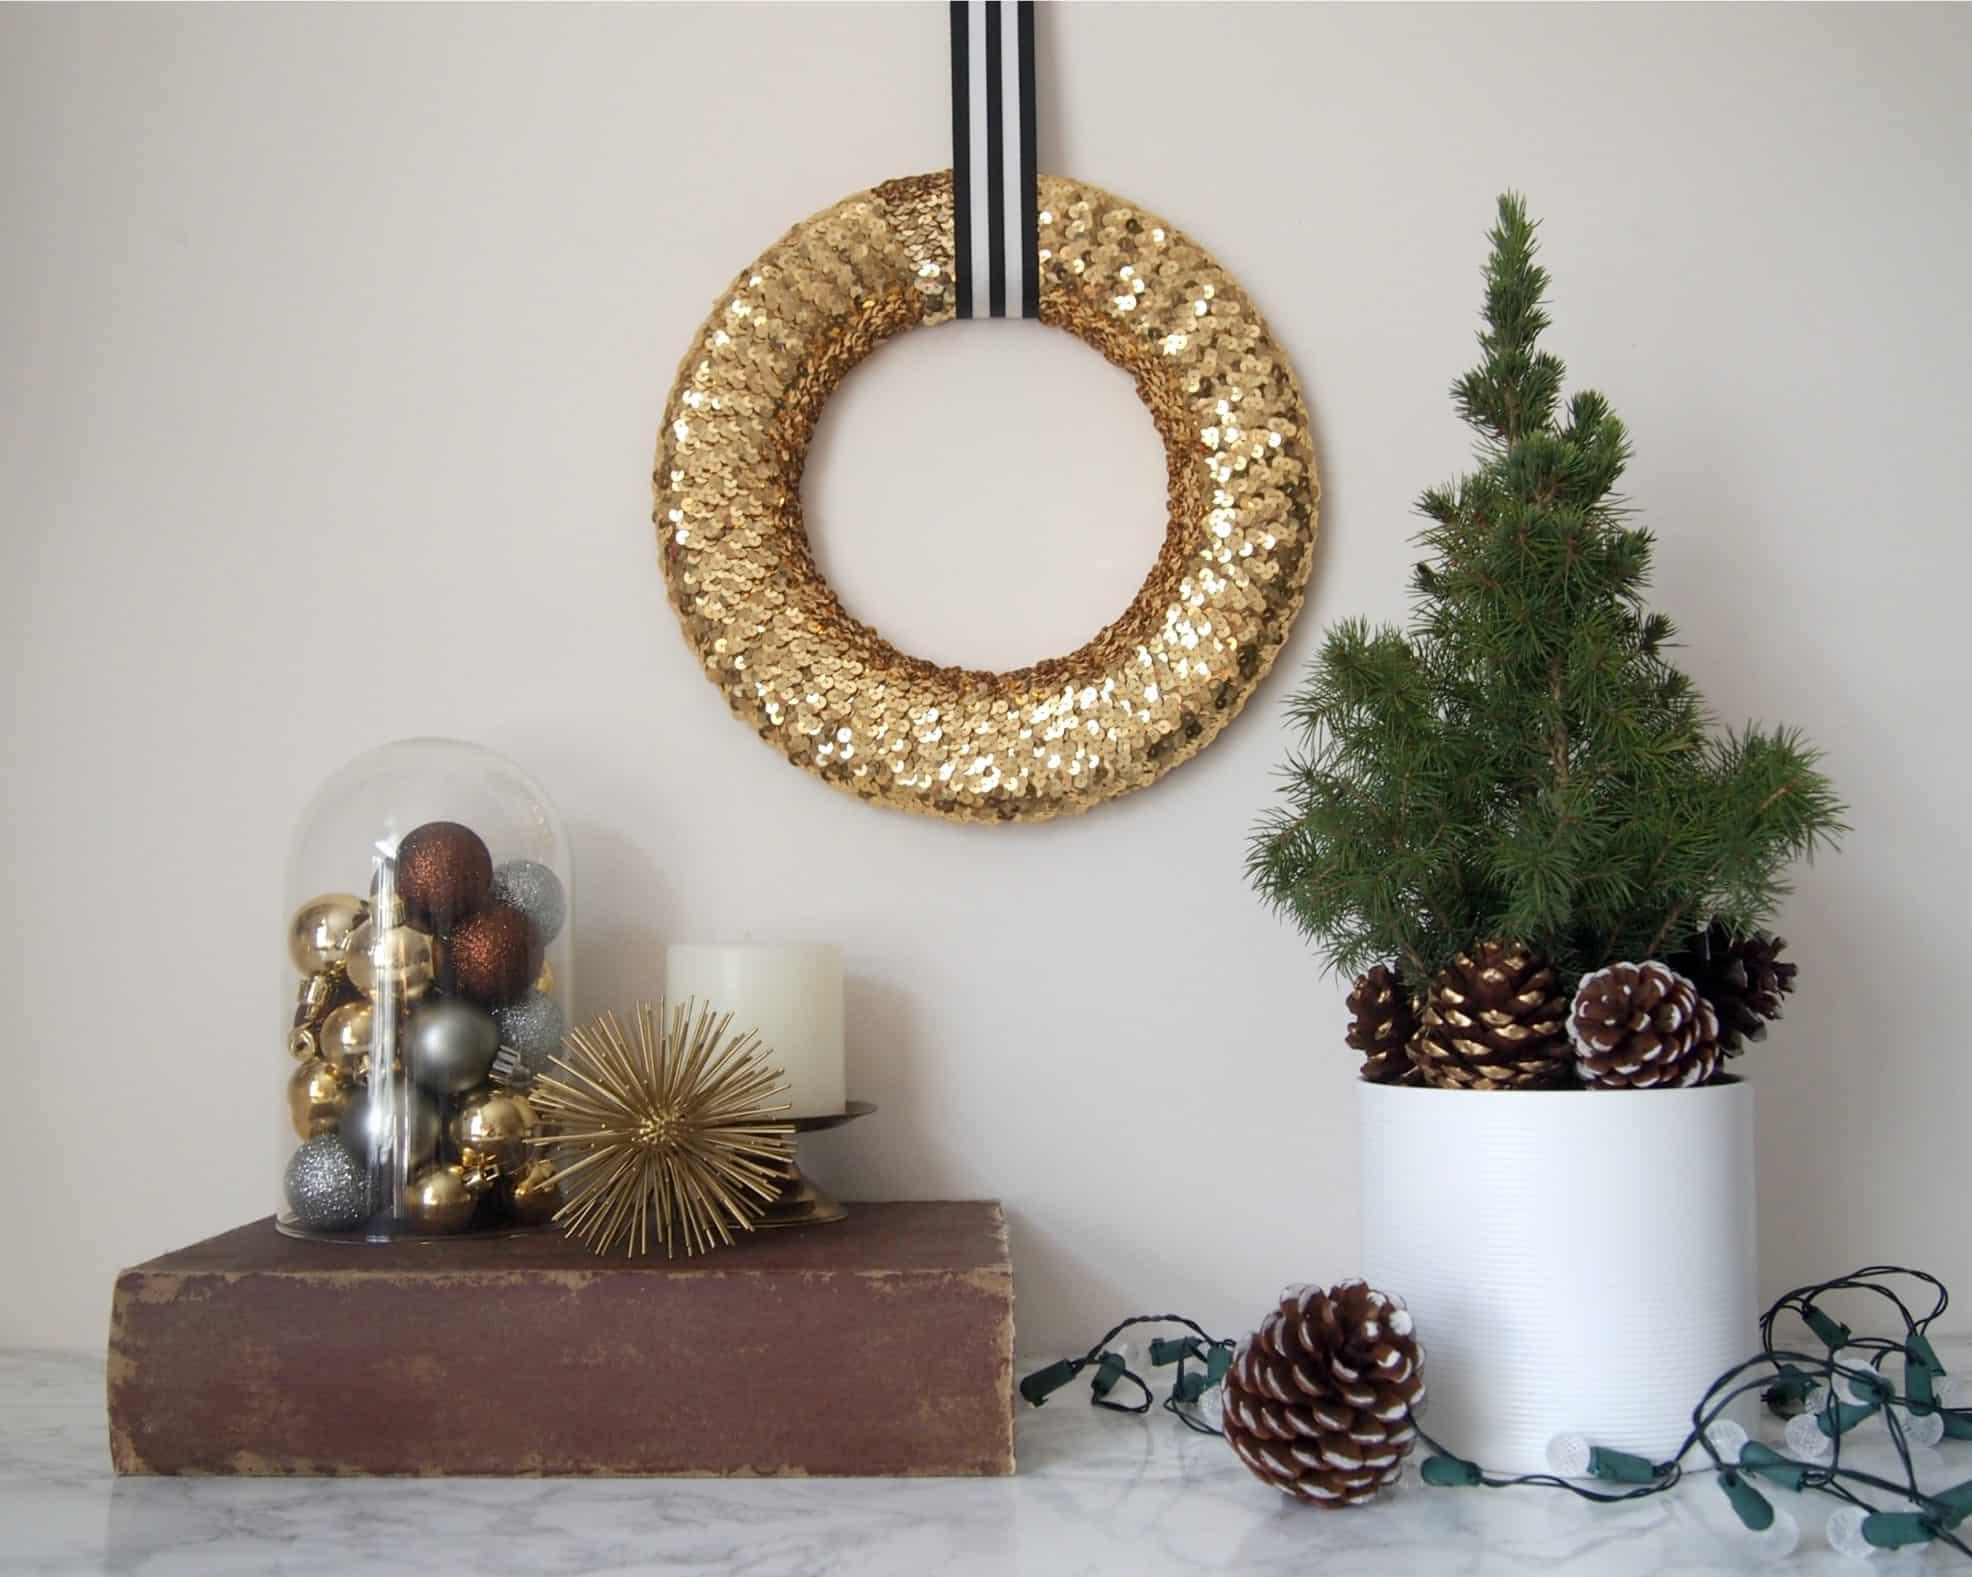 Sequin wreath